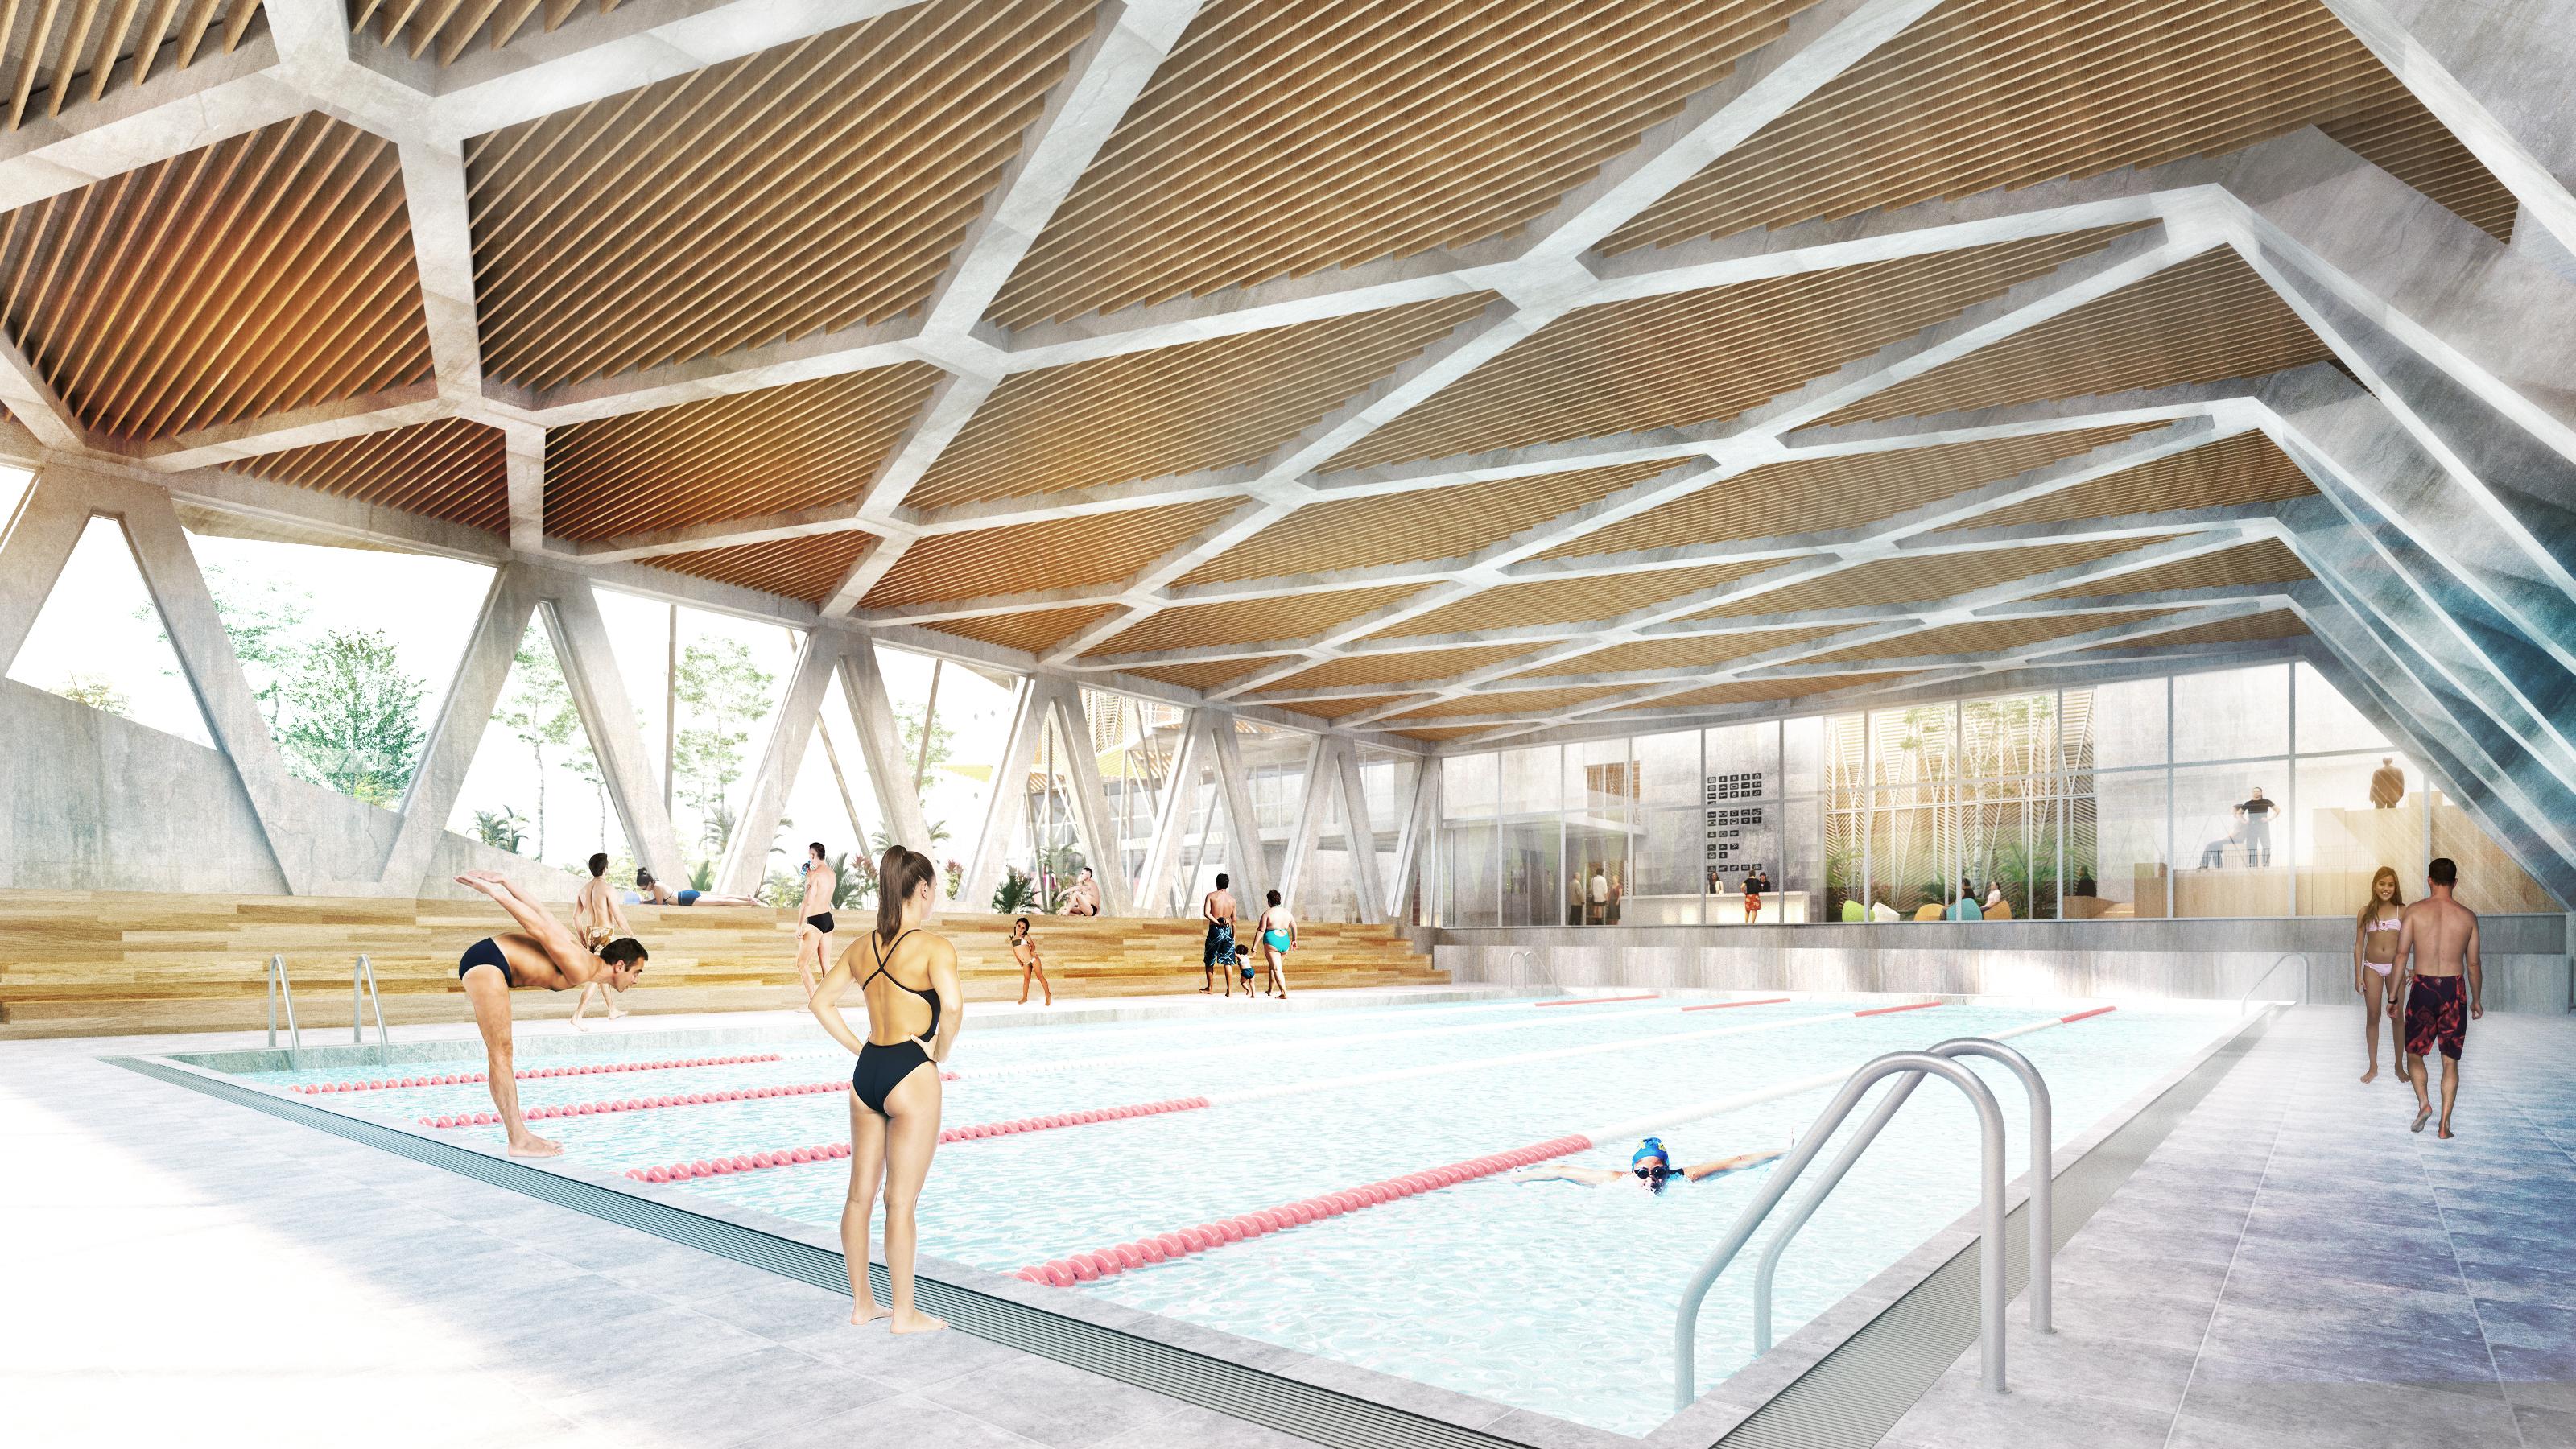 La cebada recupera su polideportivo y el espacio p blico for Gimnasios madrid con piscina